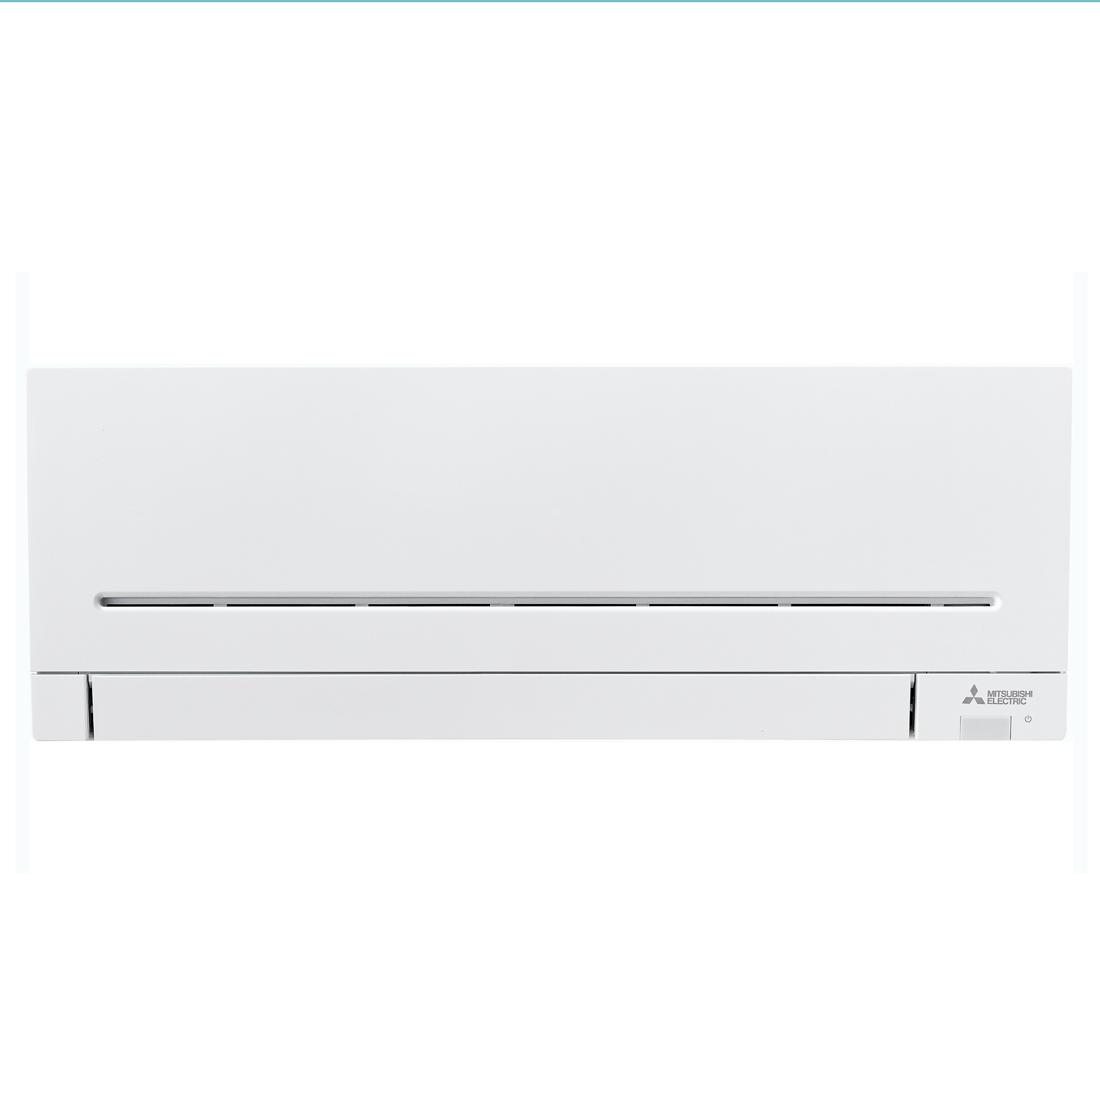 VIVAX Klima uređaj inverter ACP 12CH35AEVI